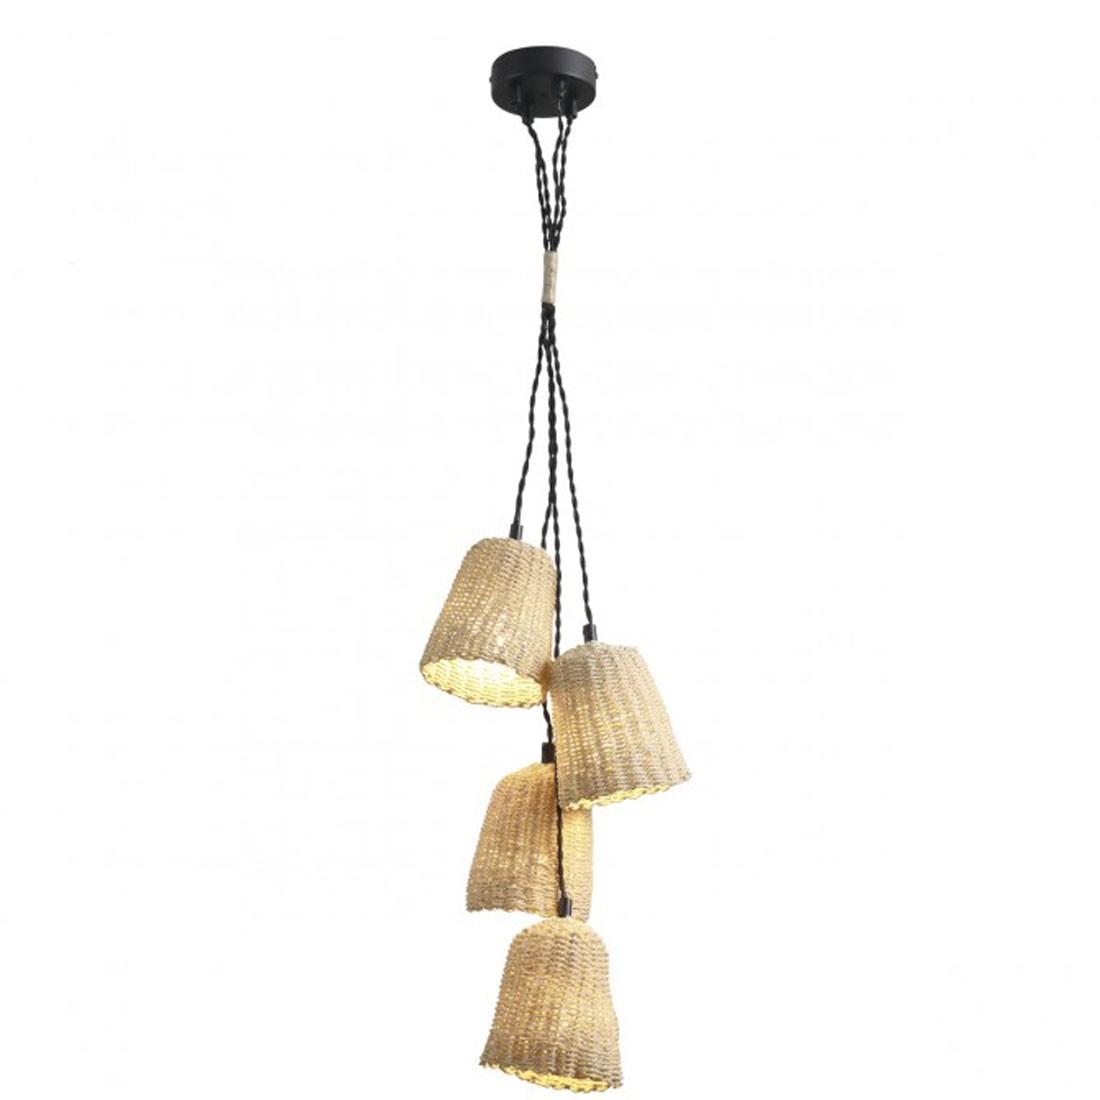 L mpara funk de dise o de leds c4 de 3 luces env o gratuito - Ofertas lamparas techo ...